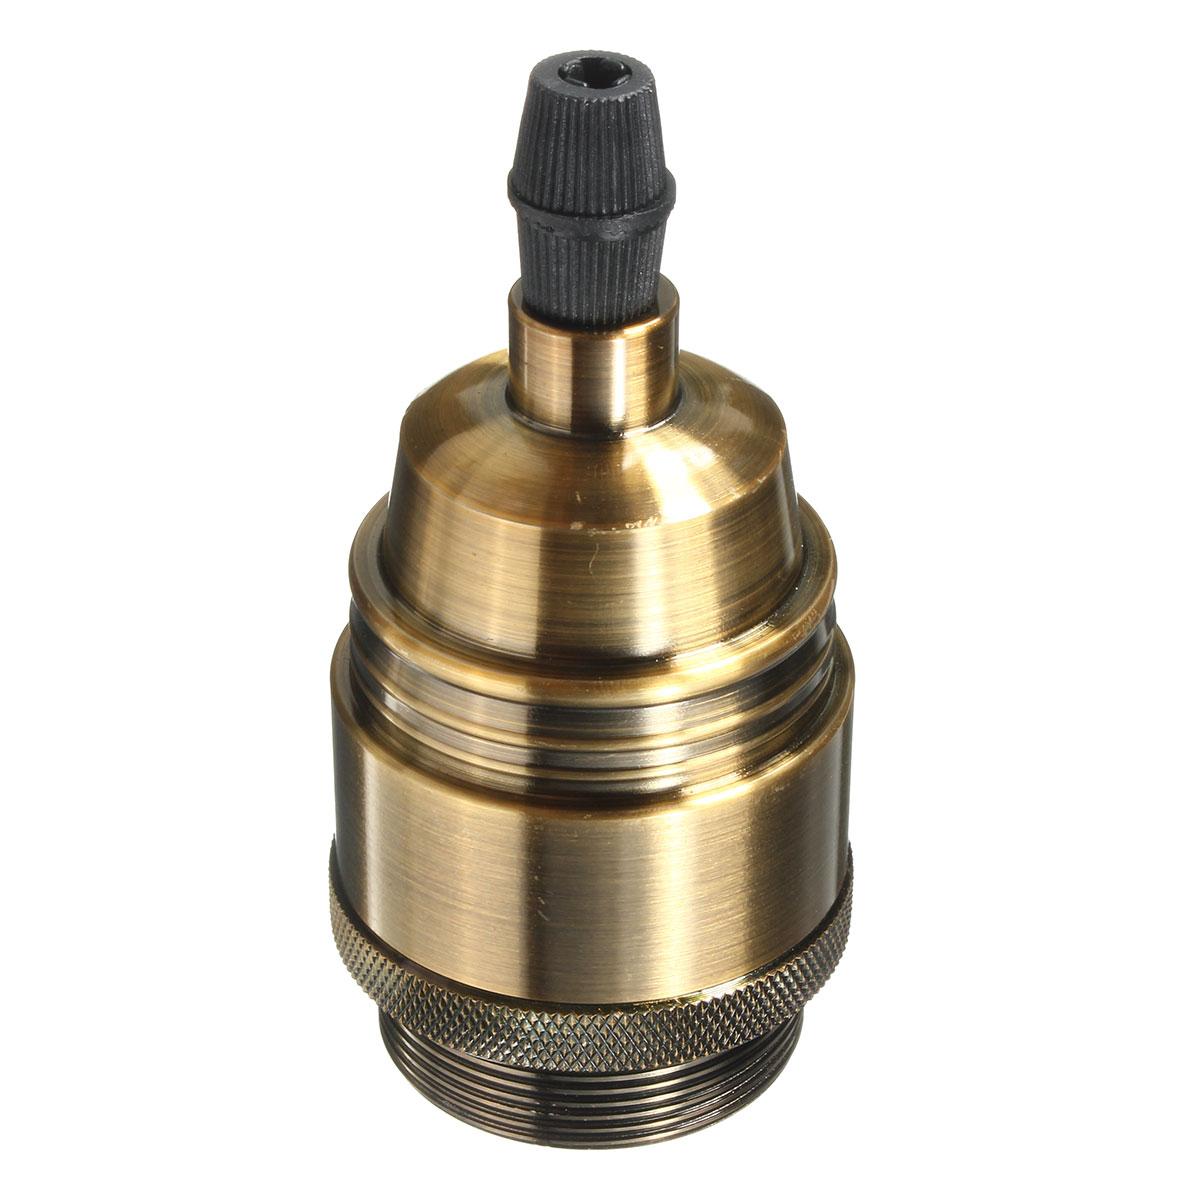 E27 Edison Bulb Adapter Light Socket Lampholder for DIY Handmade Lamp Pendant AC110-250V